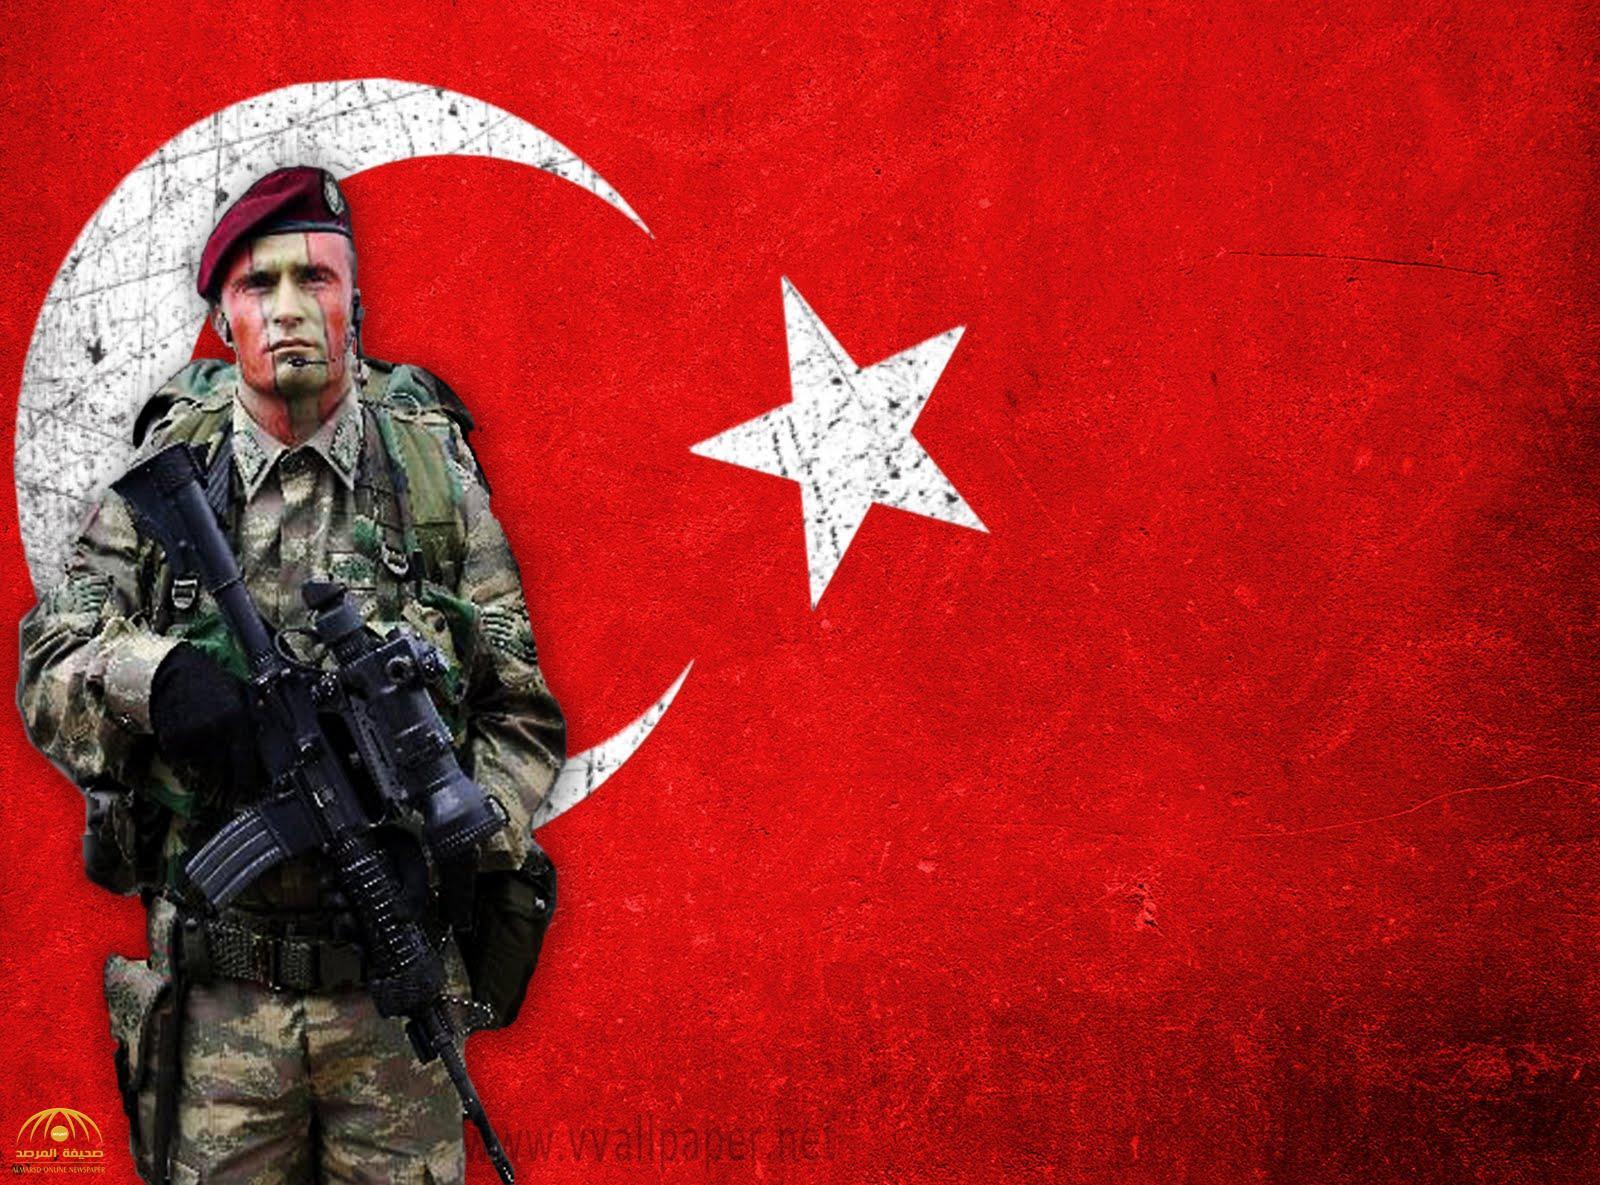 البرلمان التركي يوافق على إرسال قوات عسكرية إلى قطر